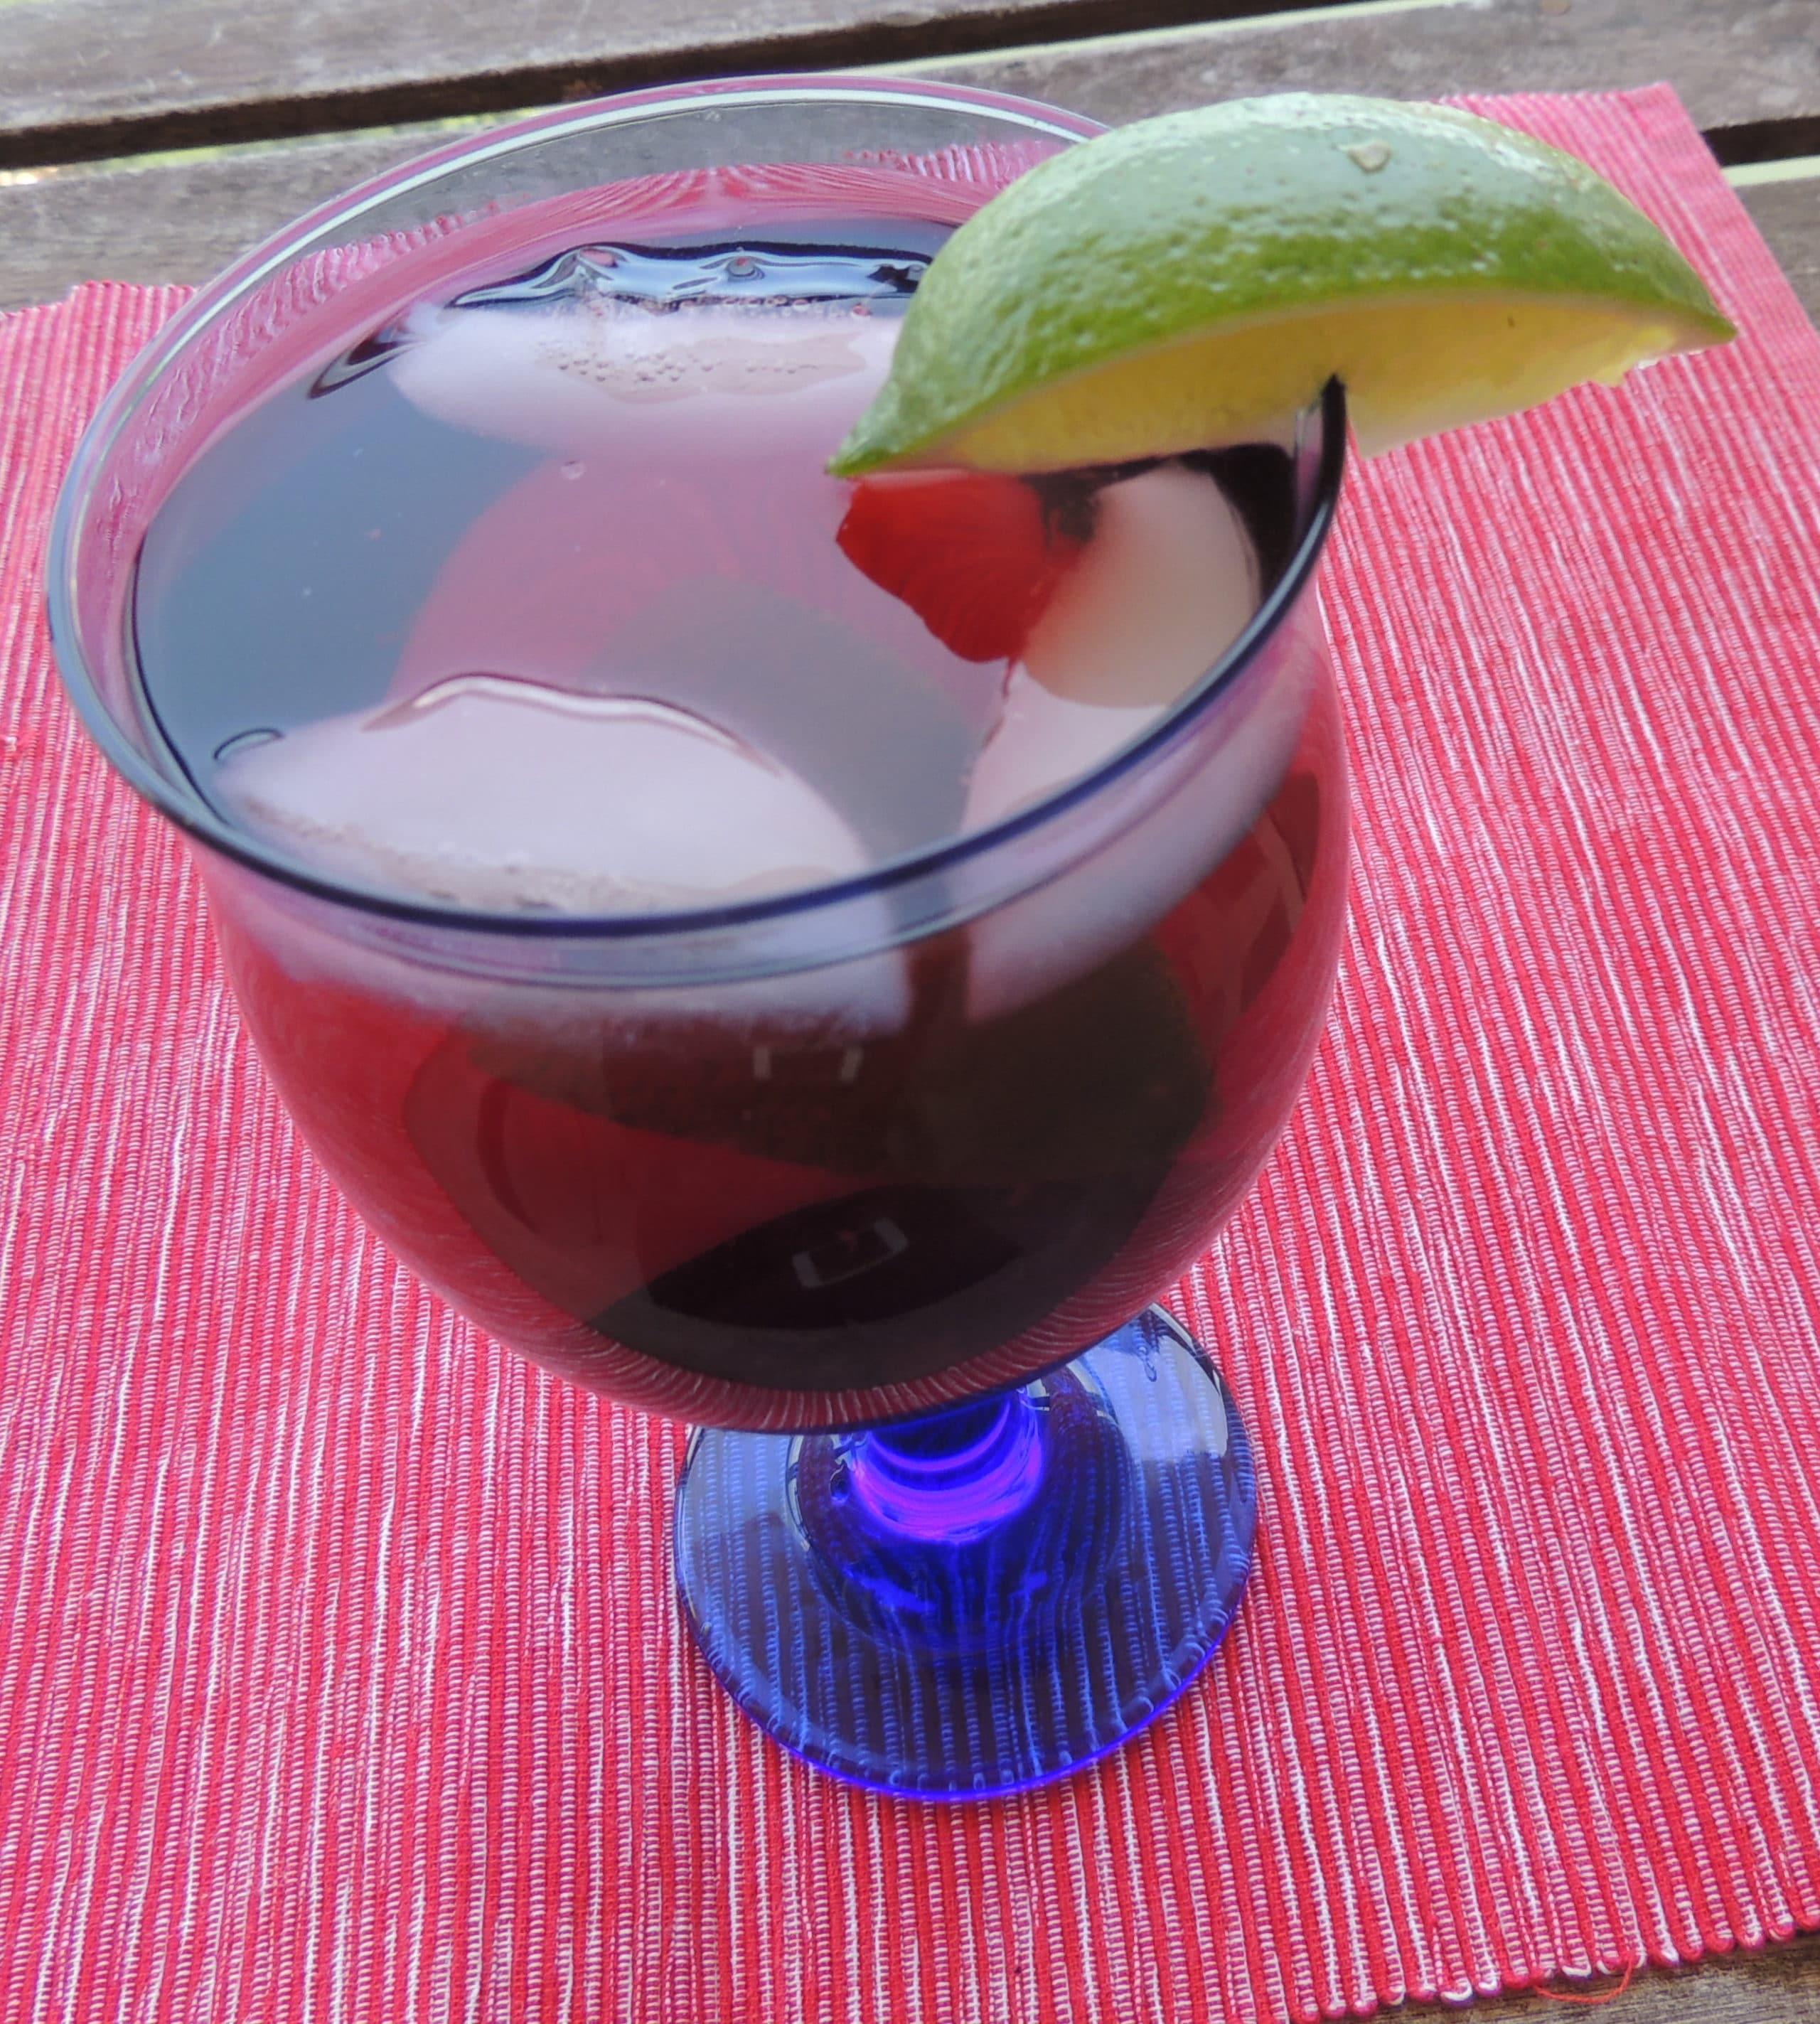 of Infused Iced Tea - PrepDish.com